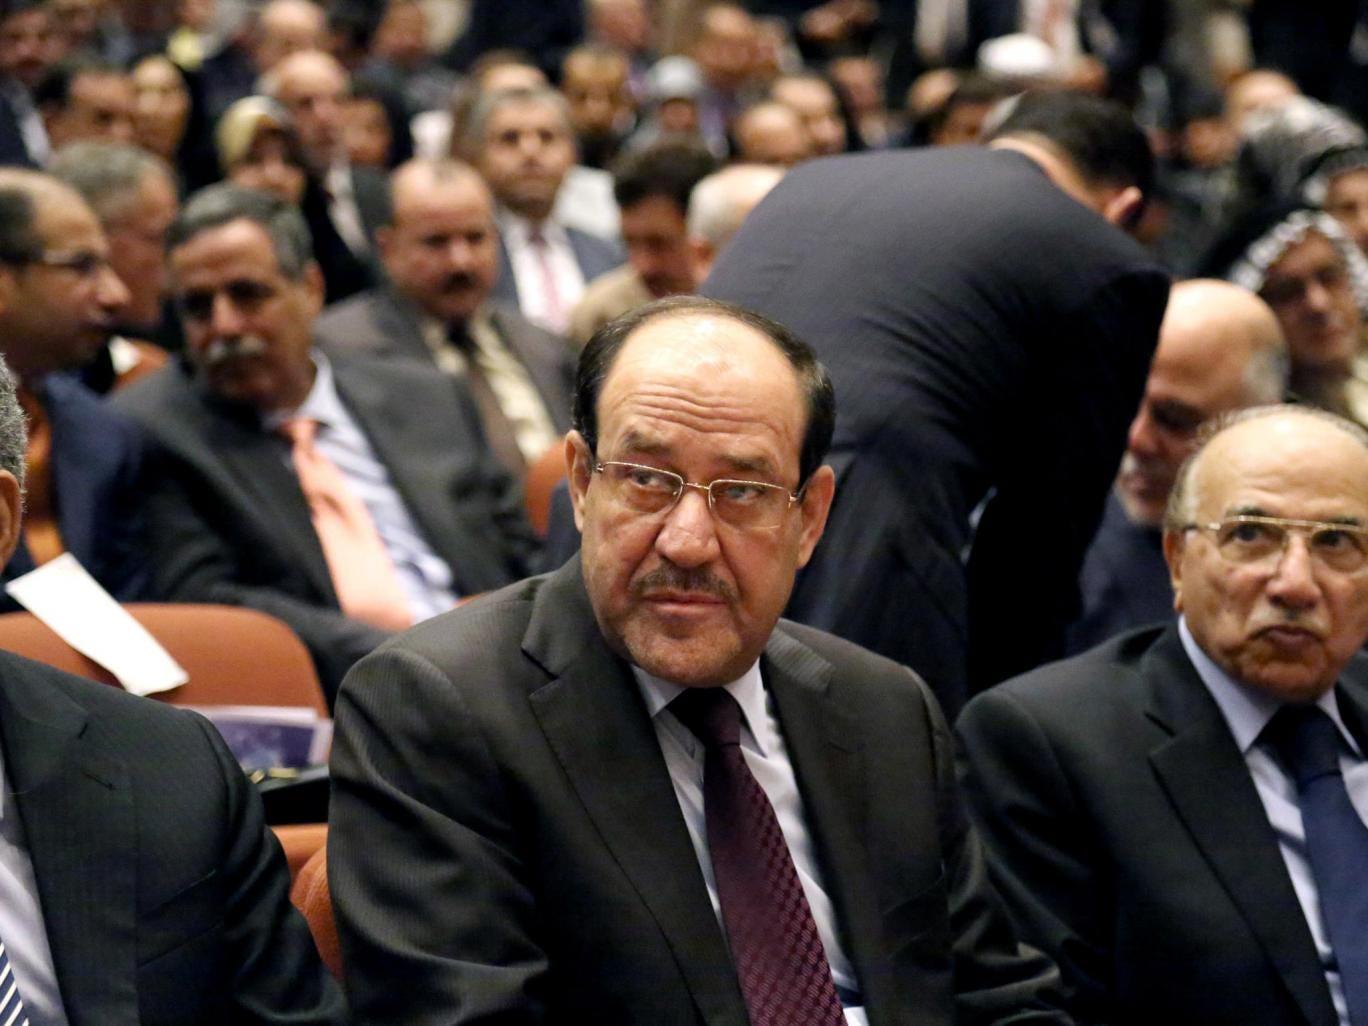 The Iraqi Prime Minister Nouri al-Maliki has blamed 'conspirators' for the fall of Mosul